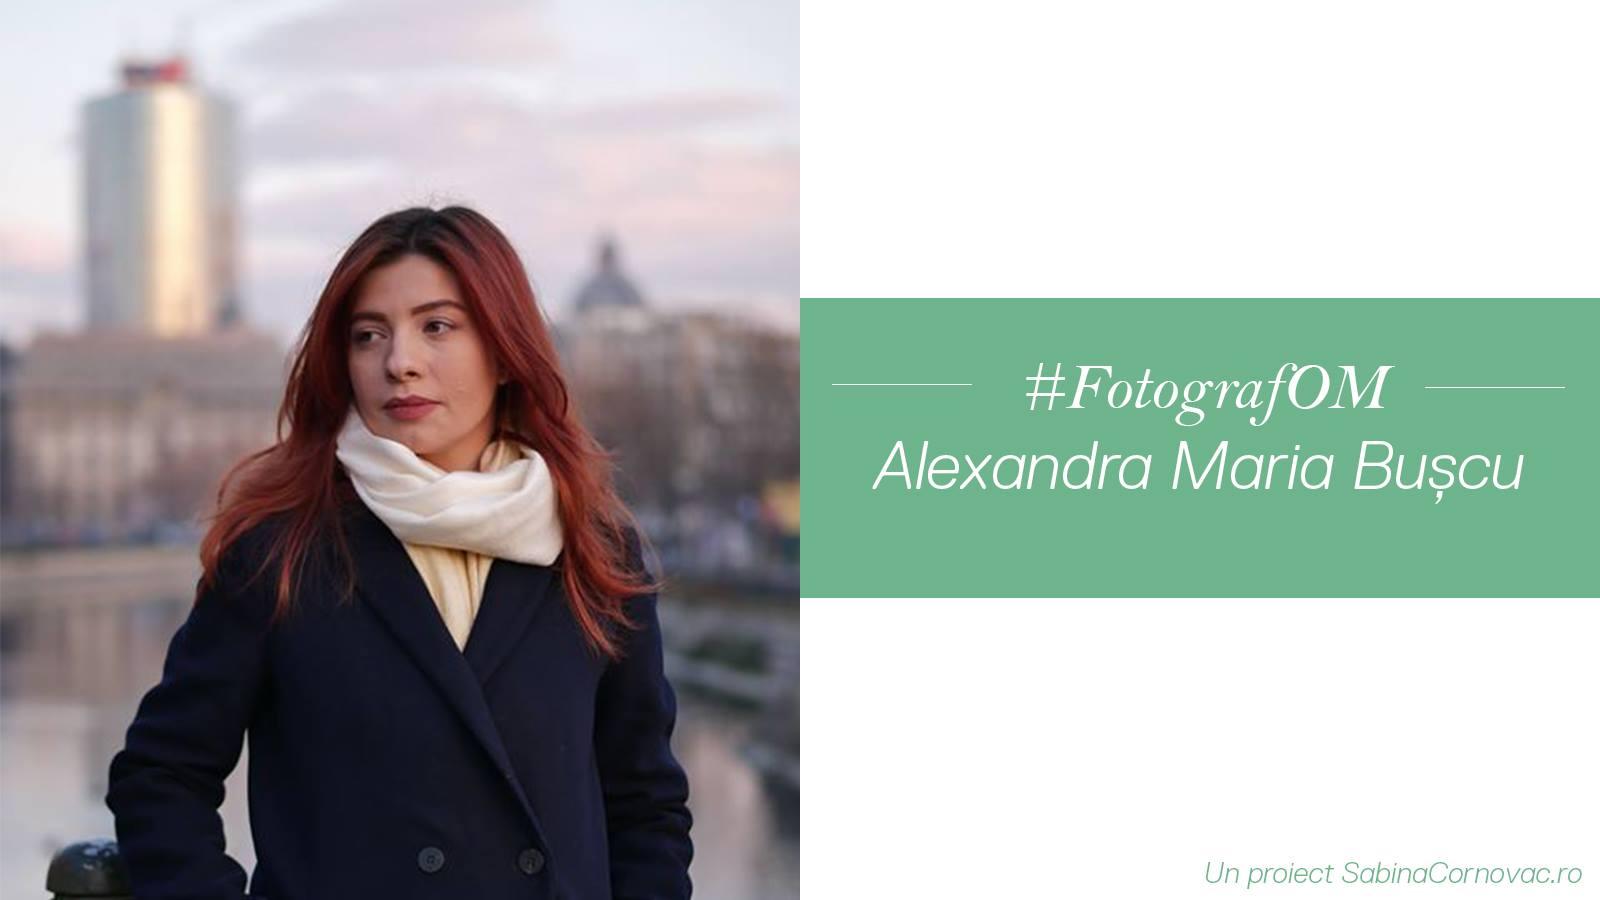 Alexandra buscu